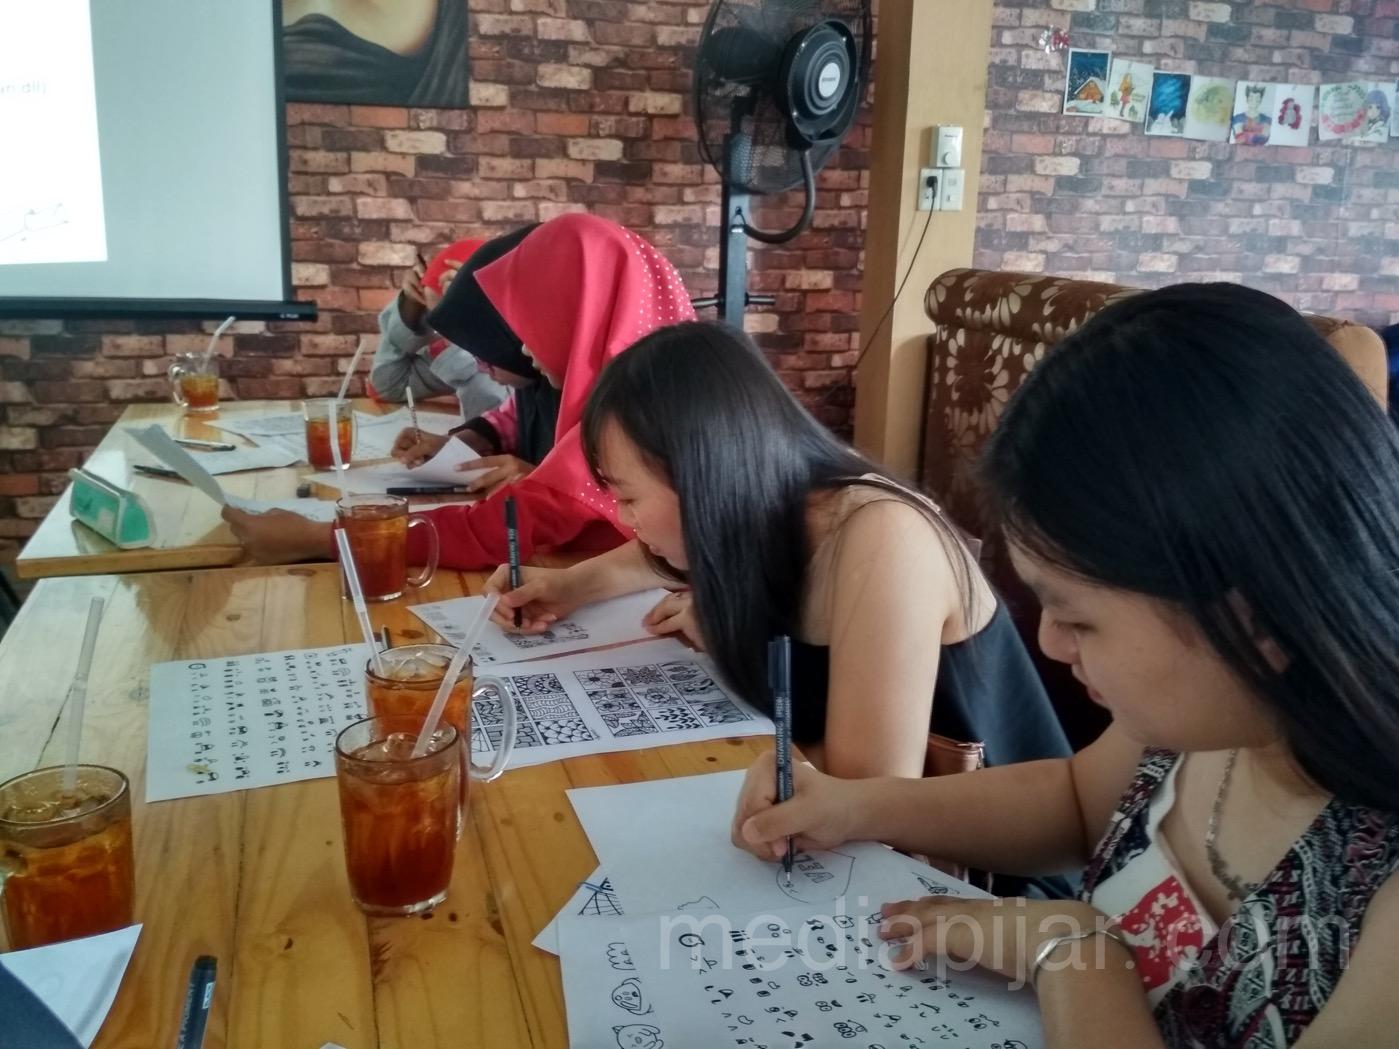 Suasana kegiatan Anniversary Full of Doodle Art regional Medan yang diselenggarakan pada Minggu (14/01) di Waroeng Mood Jalan Sisingamangaraja Medan.